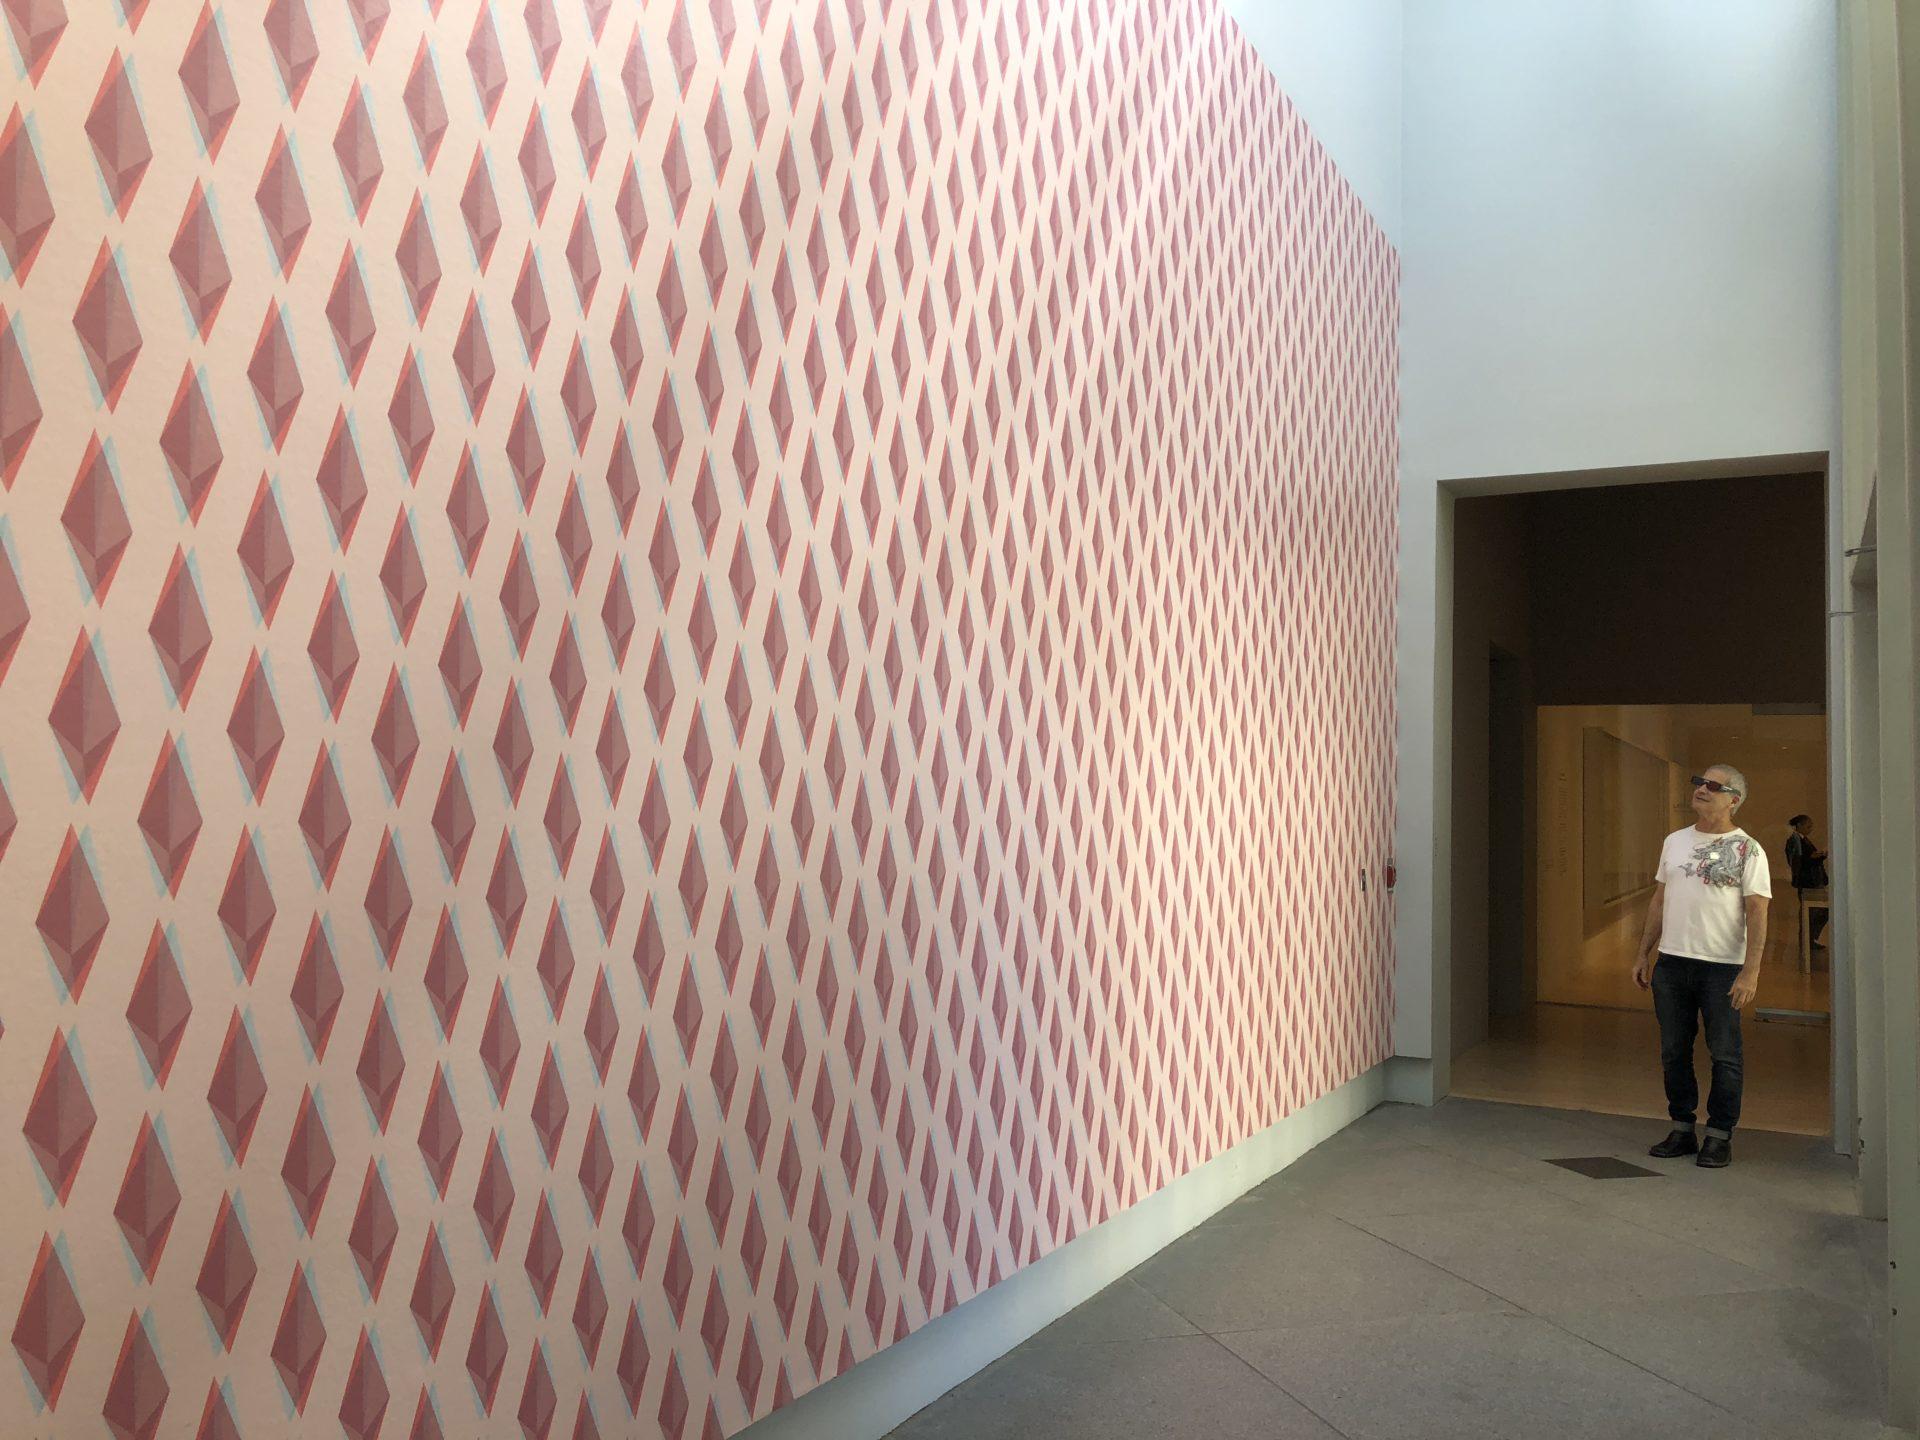 【新訊】科技X博物館:洛杉磯郡立美術館3D夏夜派對